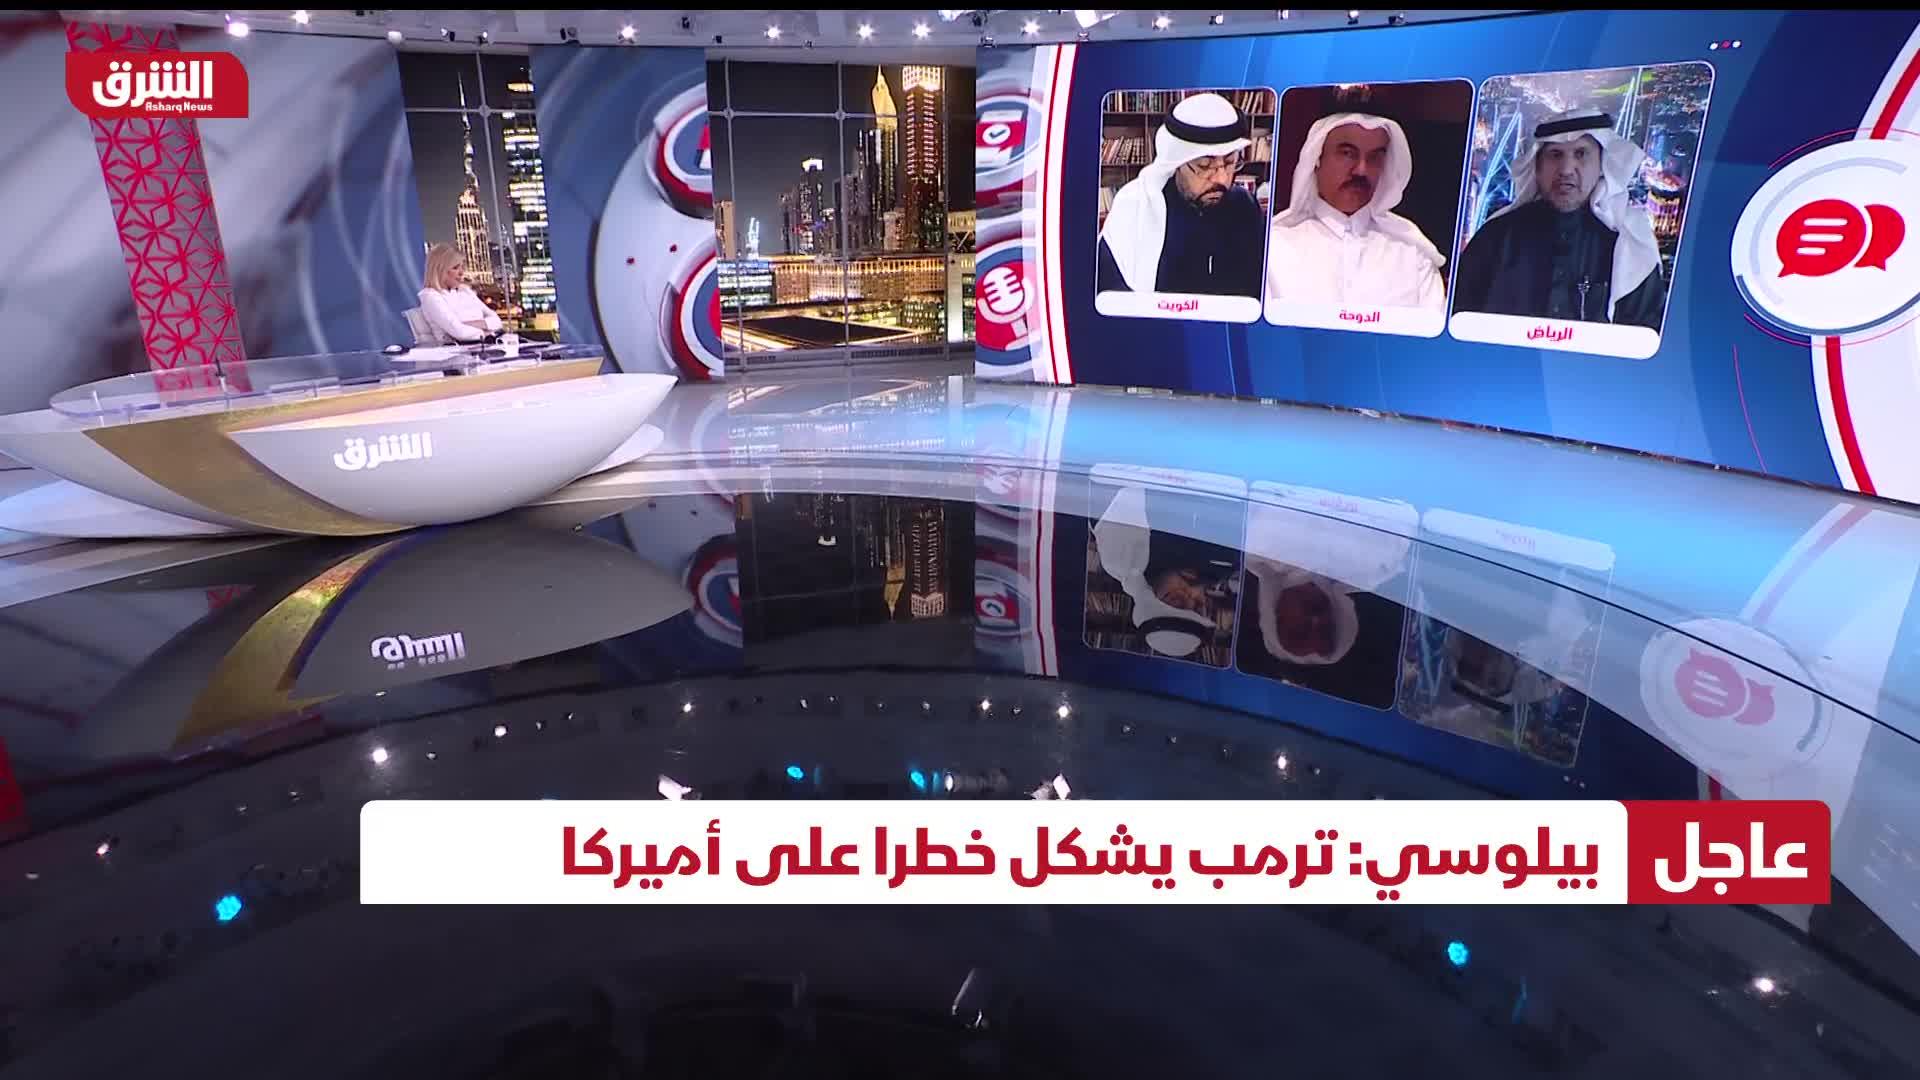 كيف ستؤثر علاقة قطر مع تركيا وإيران على إعلان العلا؟